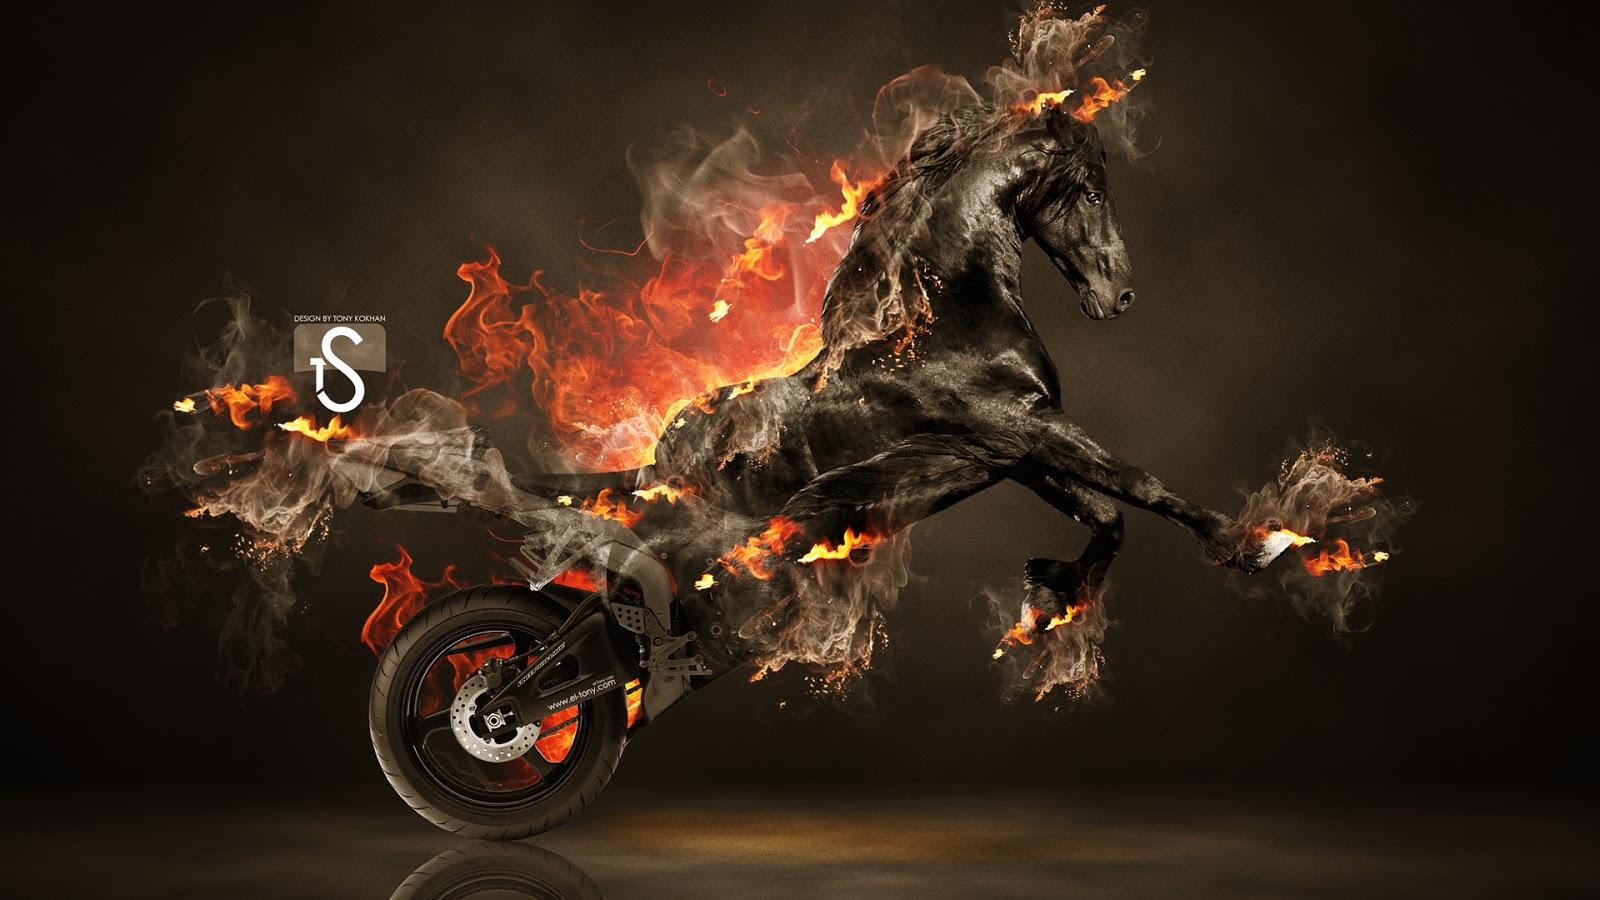 Fire Horse HD Wallpaper 1600x900